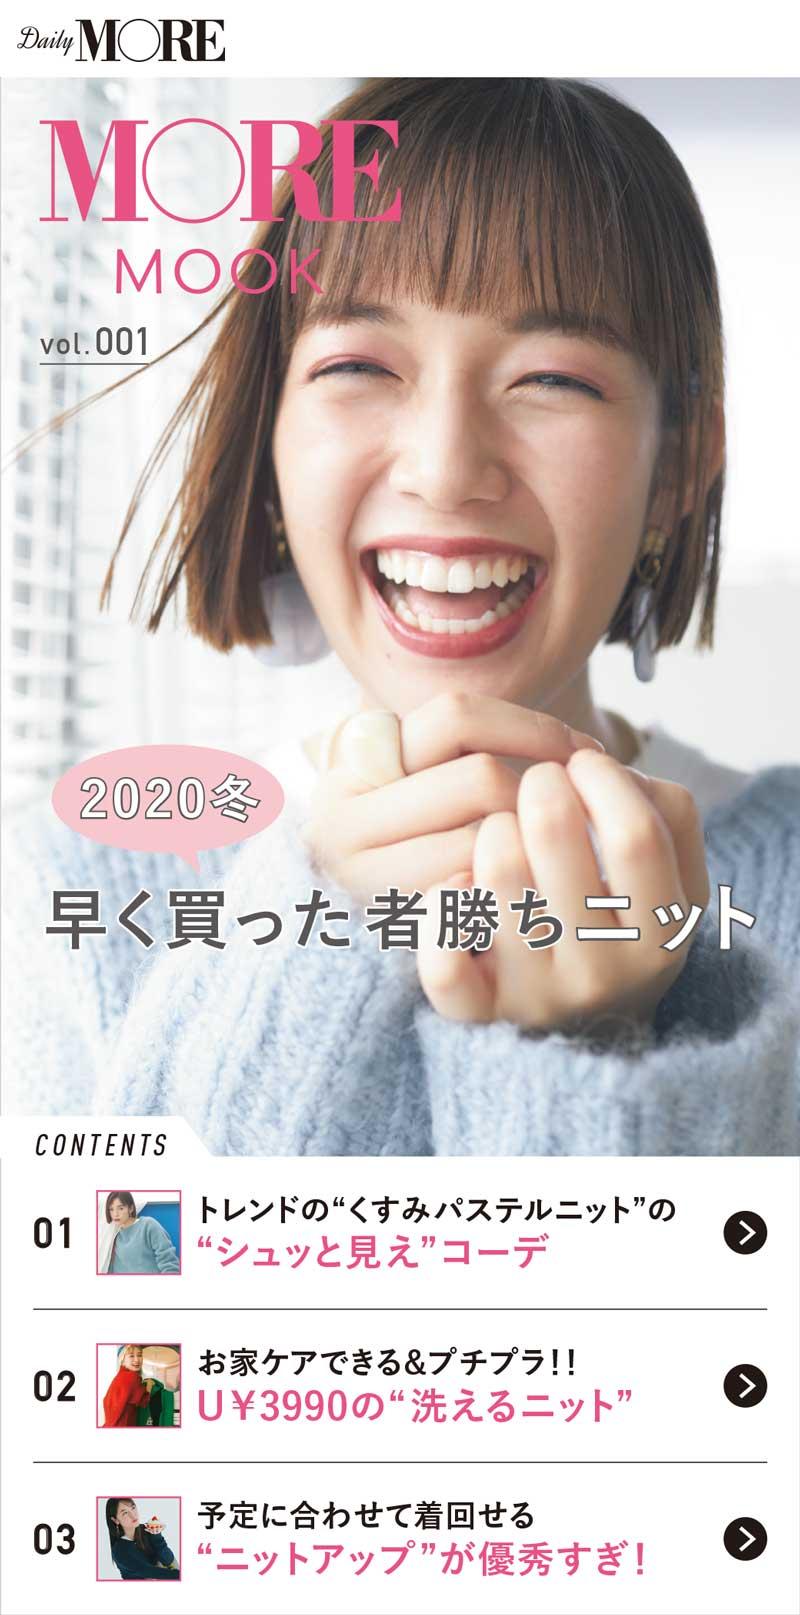 モア公式LINE MOOK『MORE MOOK』好評配信中! 毎週月曜日に3本立て記事をお届け♪ _2